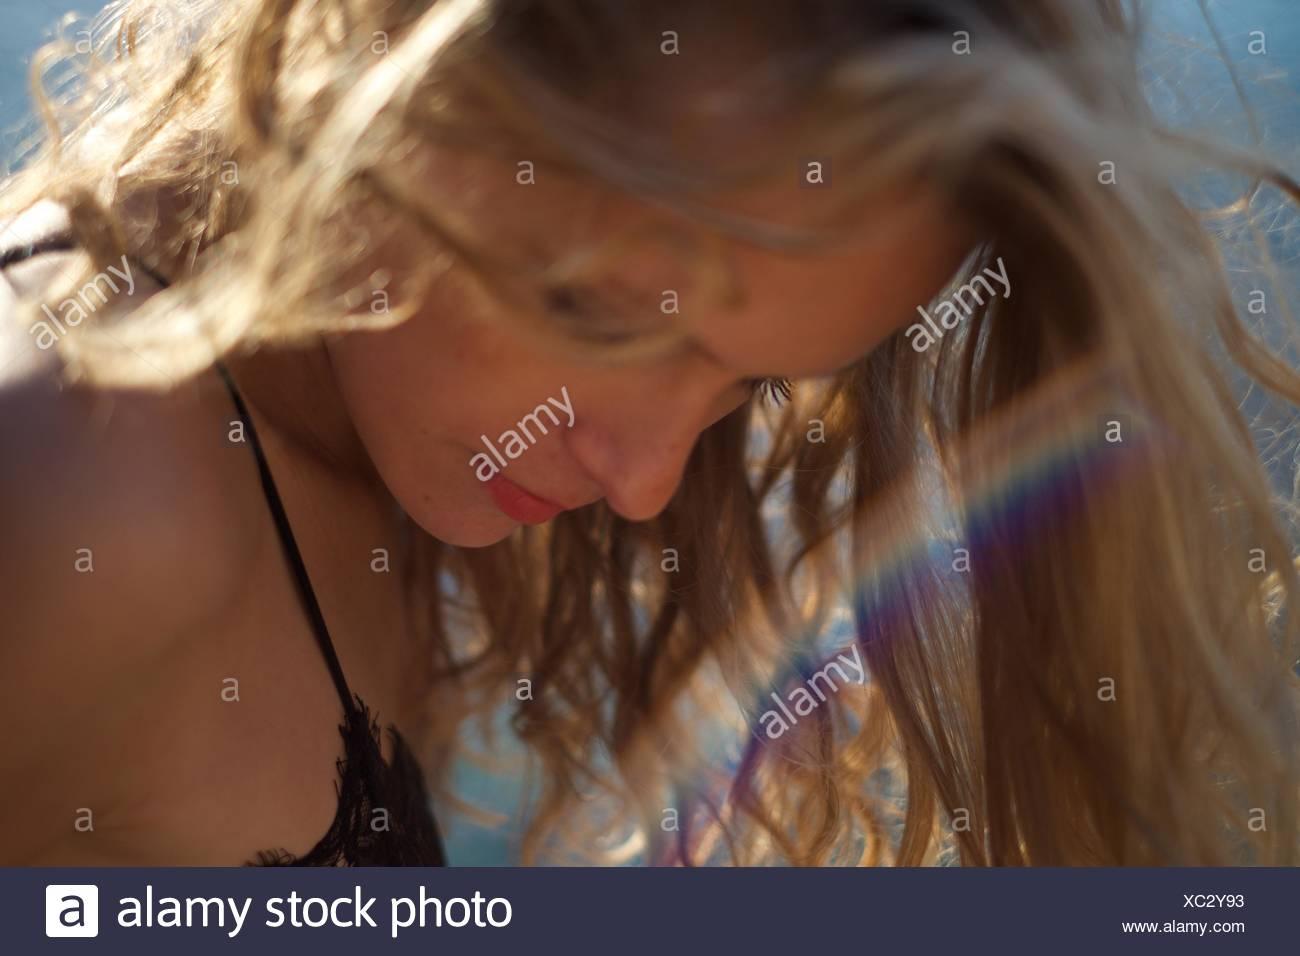 Donna che guarda in basso con il fascio di luce arcobaleno Immagini Stock